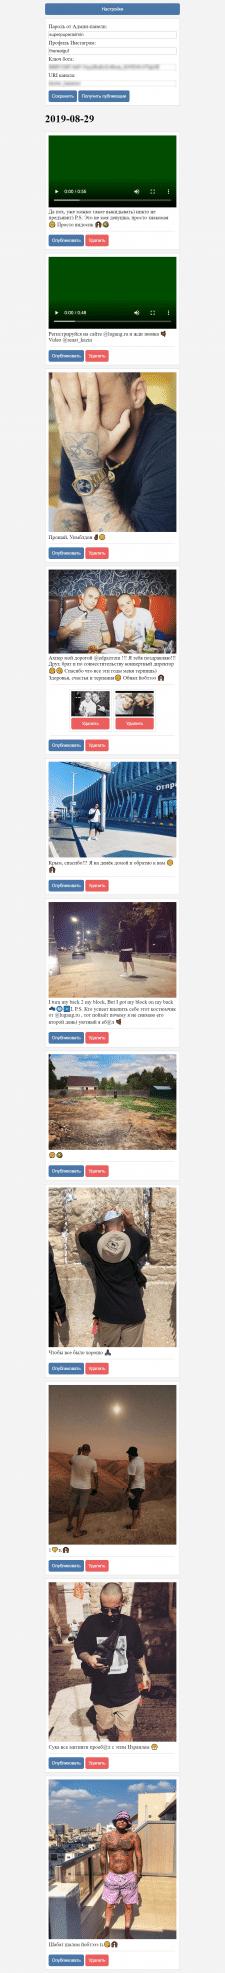 Grabber Instagram